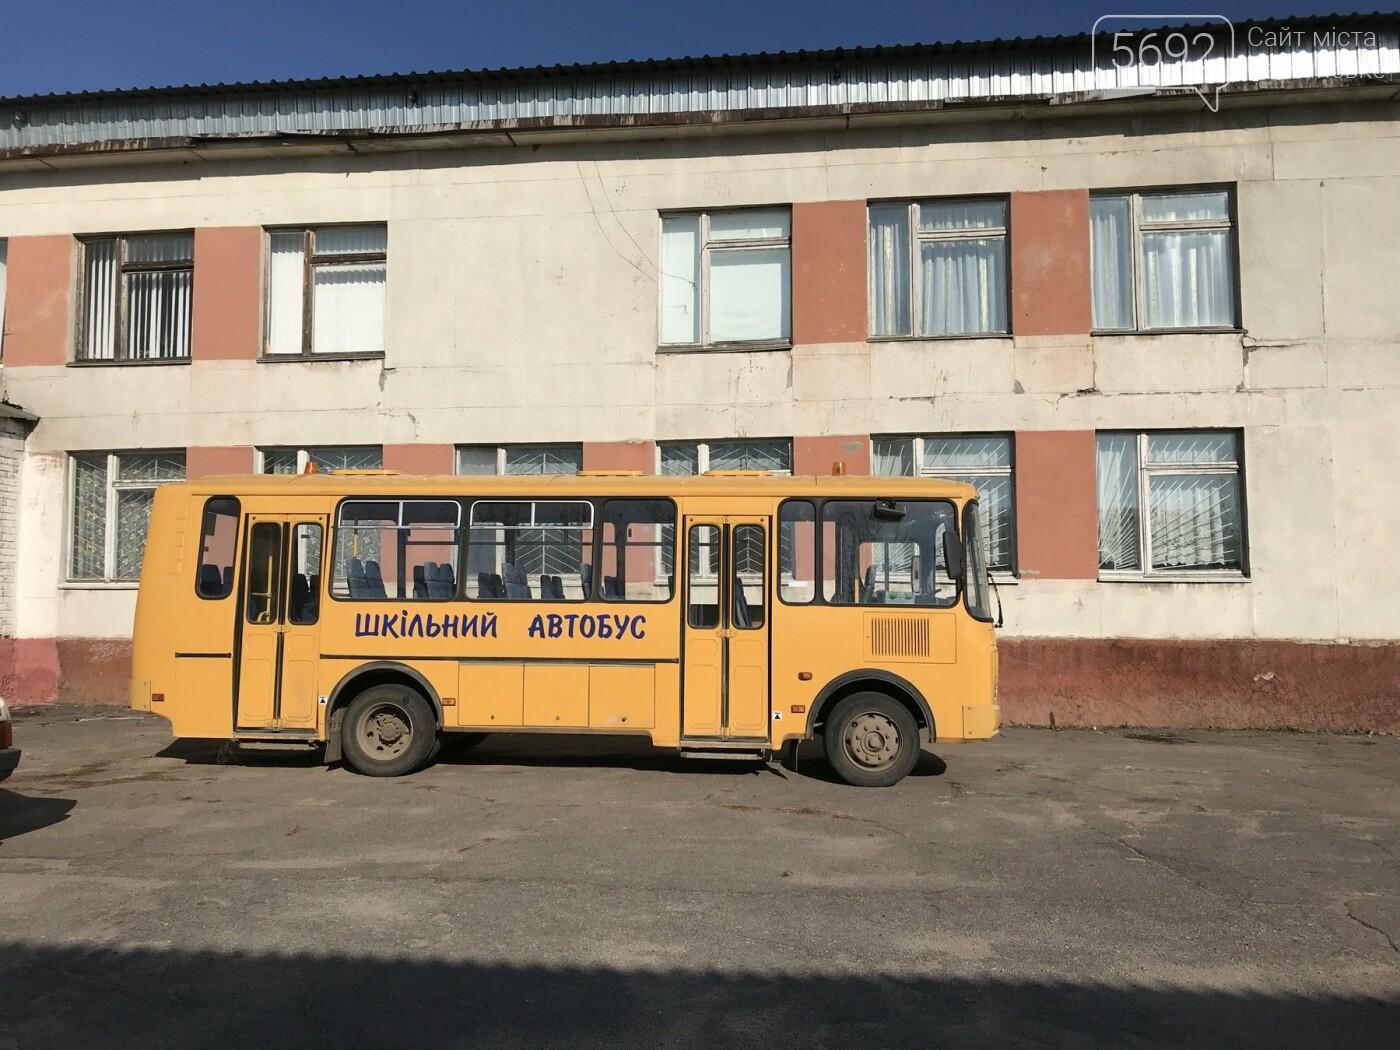 Что получит Каменское в случае присоединения: репортаж из Степового, фото-15